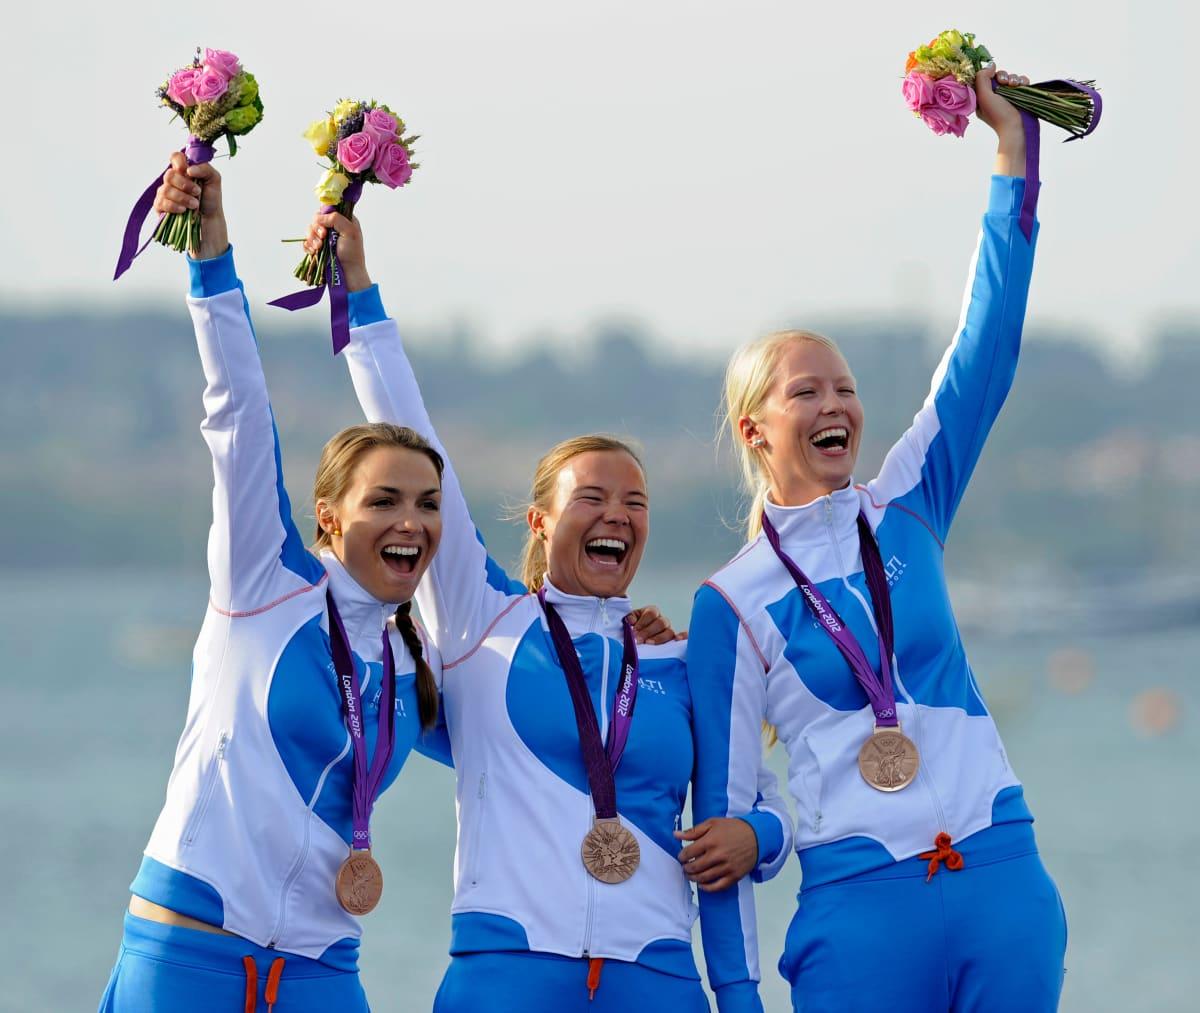 Silja Lehtinen, Silja Kanerva, ja Mikaela Wulff